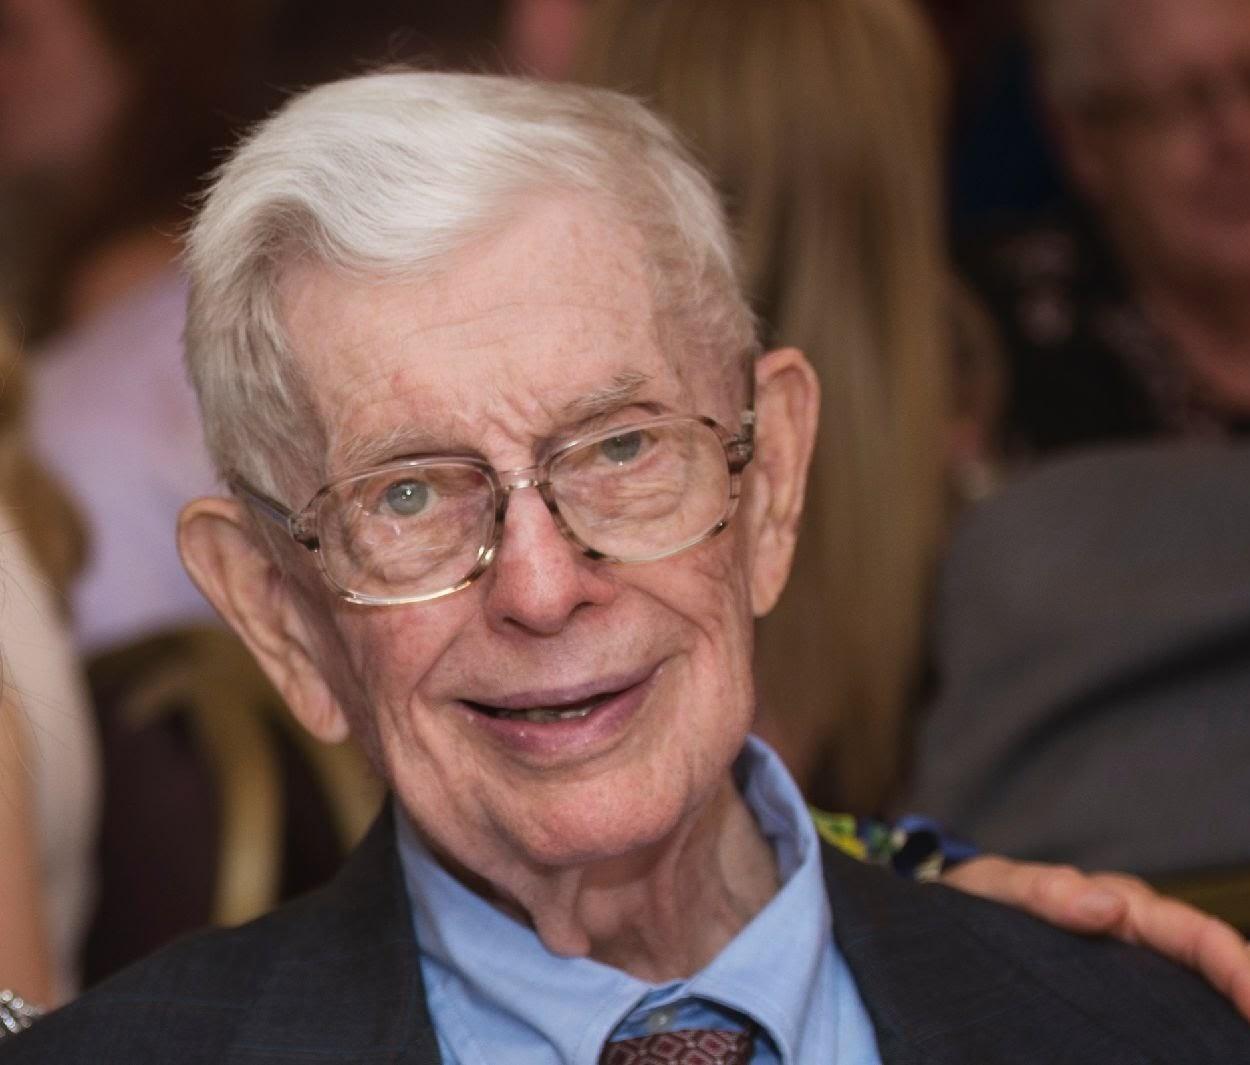 Merlyn B. Kuhl age 94